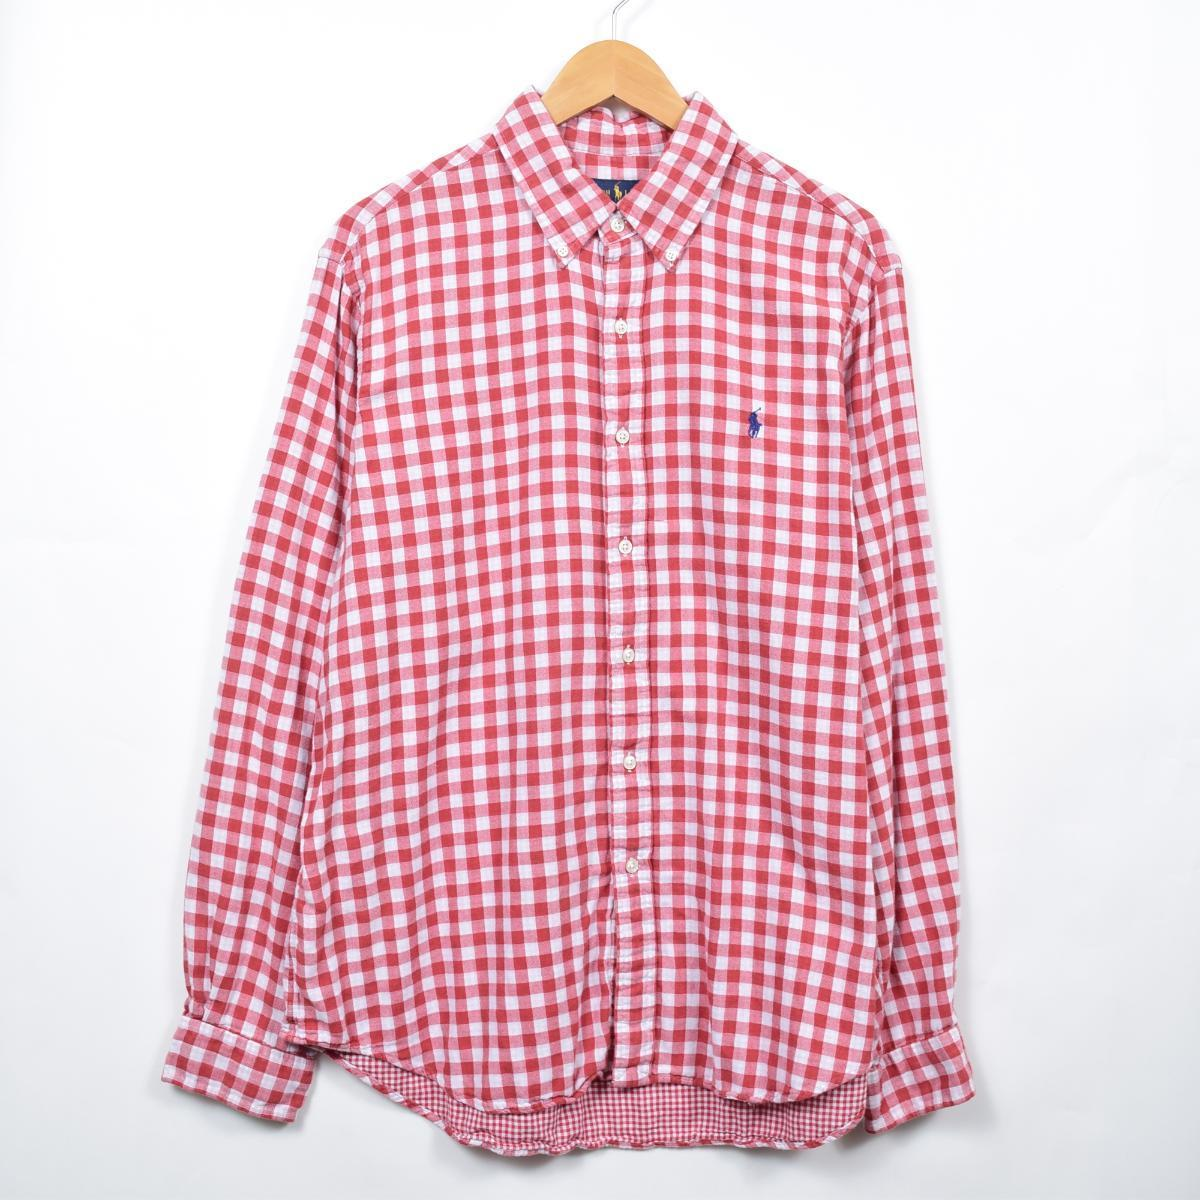 ラルフローレン Ralph Lauren 長袖 ボタンダウンチェックシャツ メンズL /eaa033308  【200518】【SS2009】:古着屋JAM